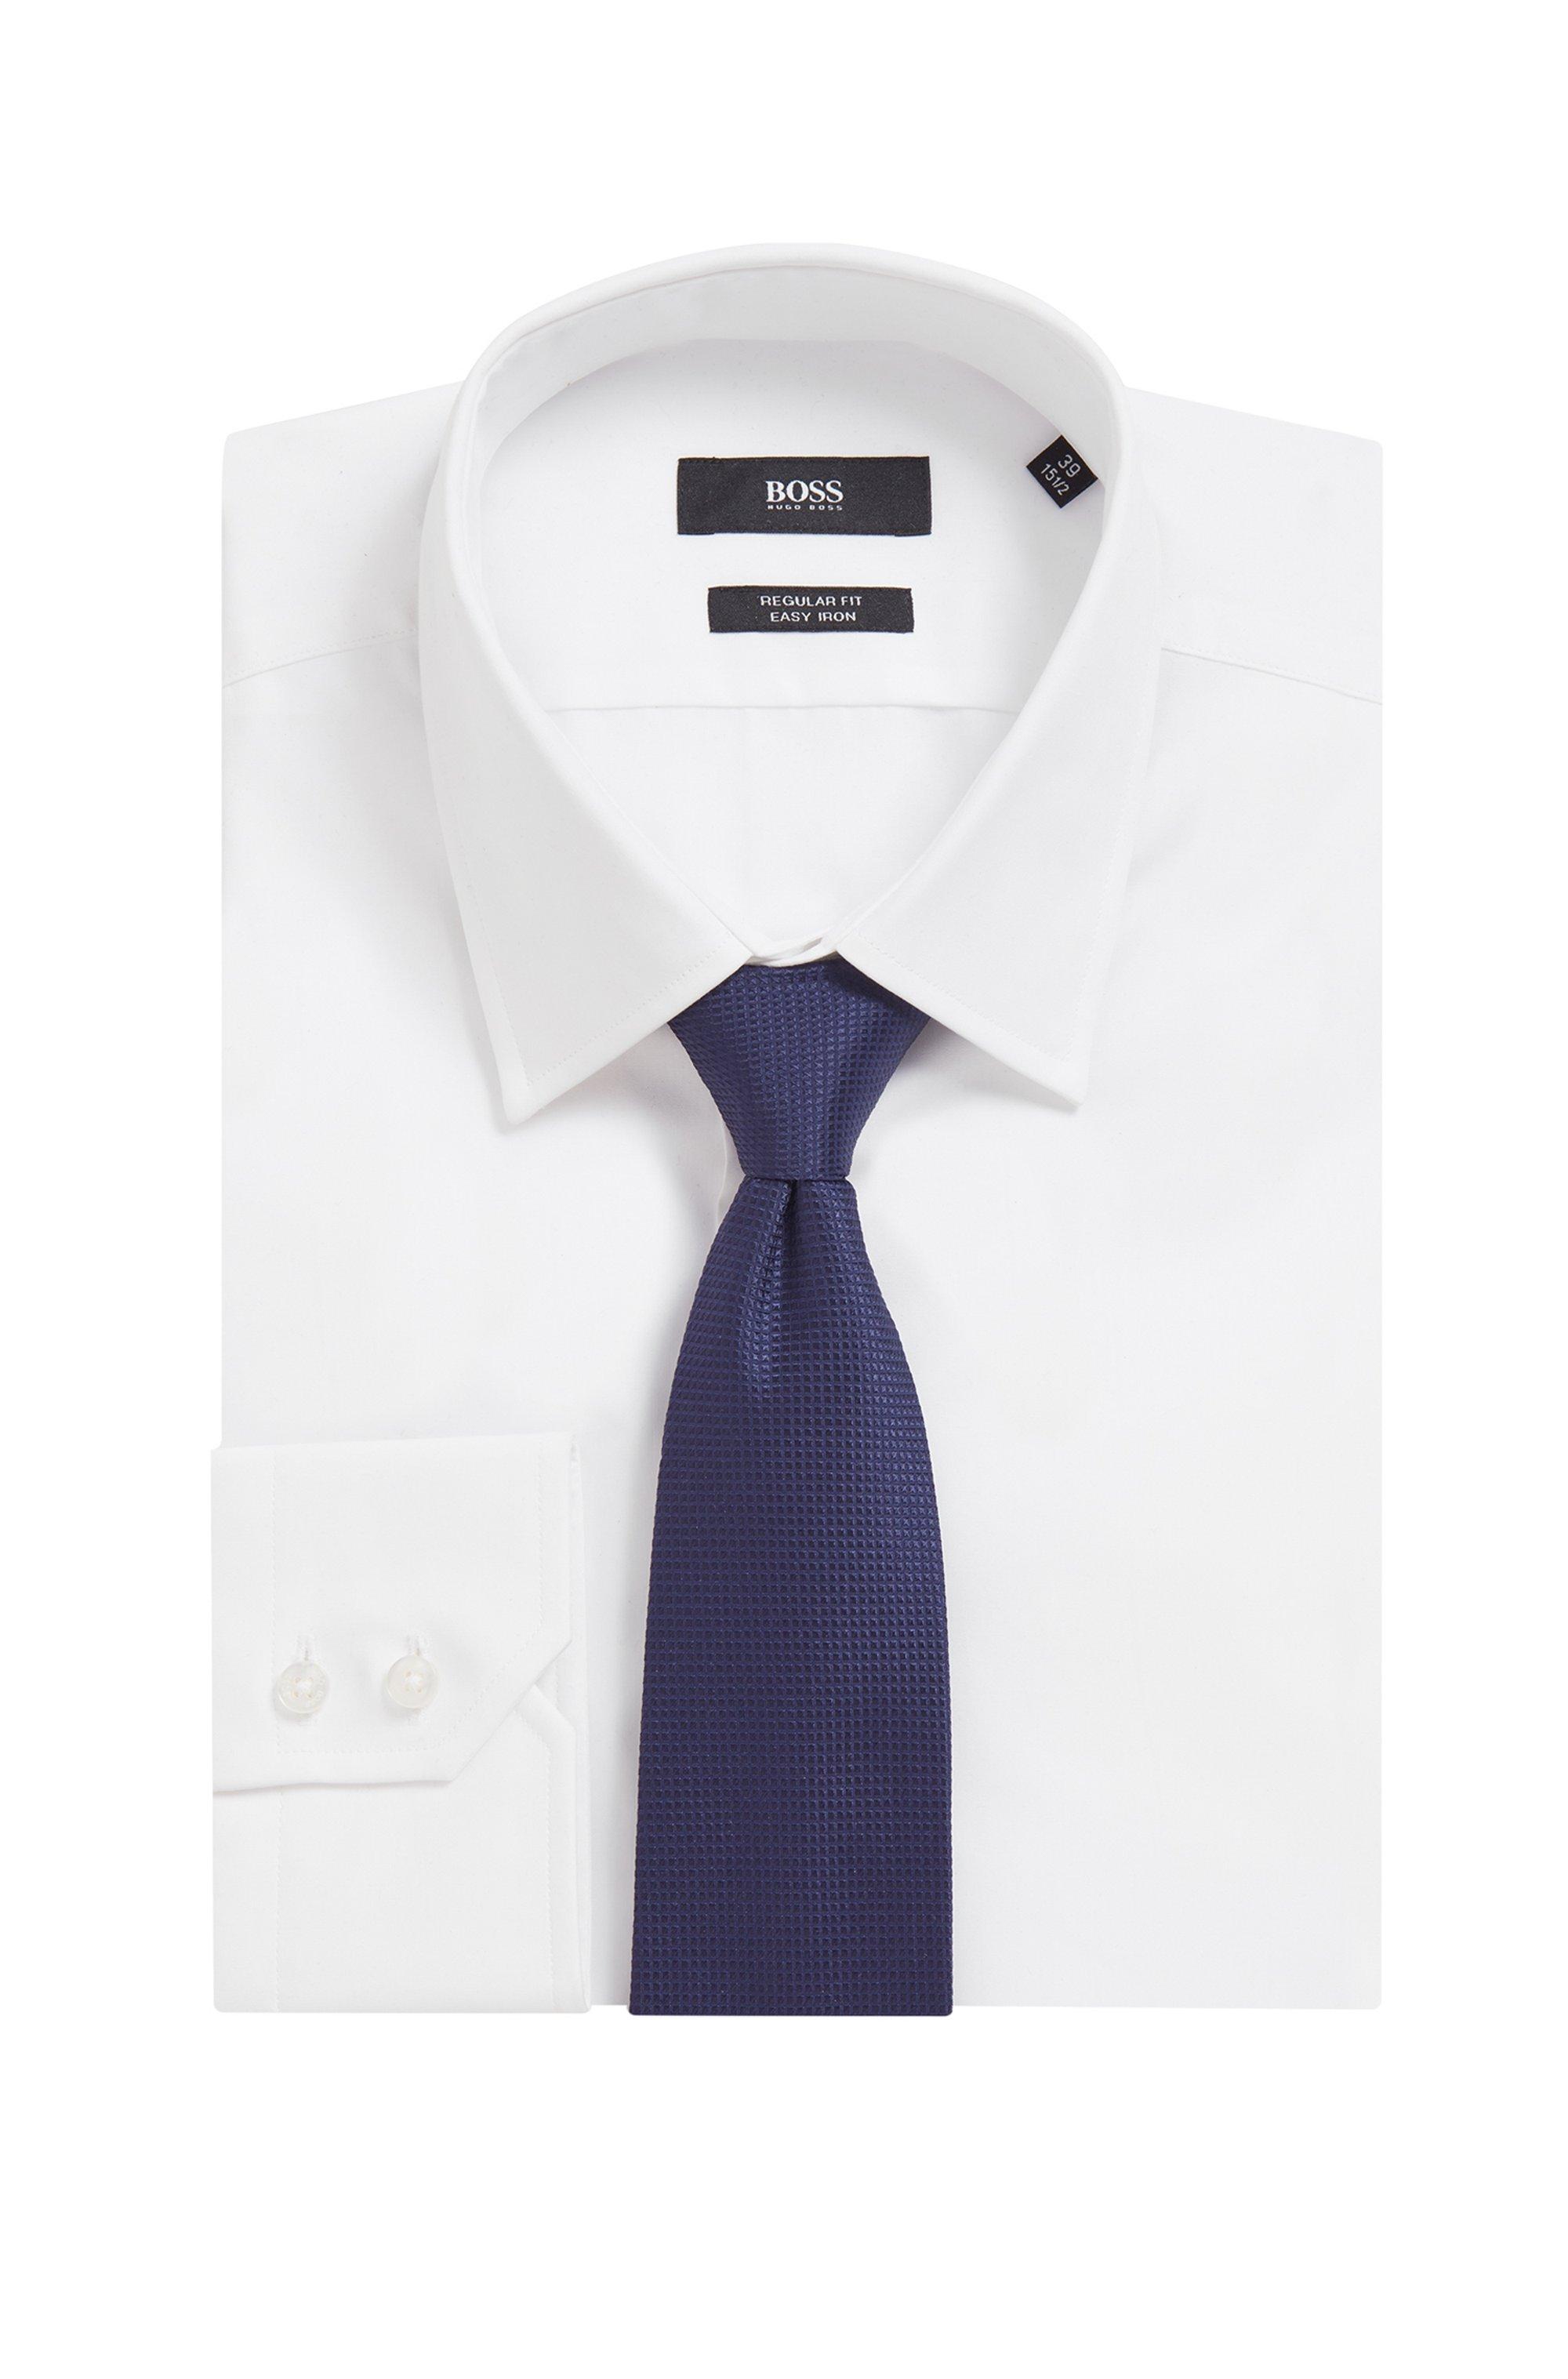 Silk-jacquard tie with tonal micro pattern